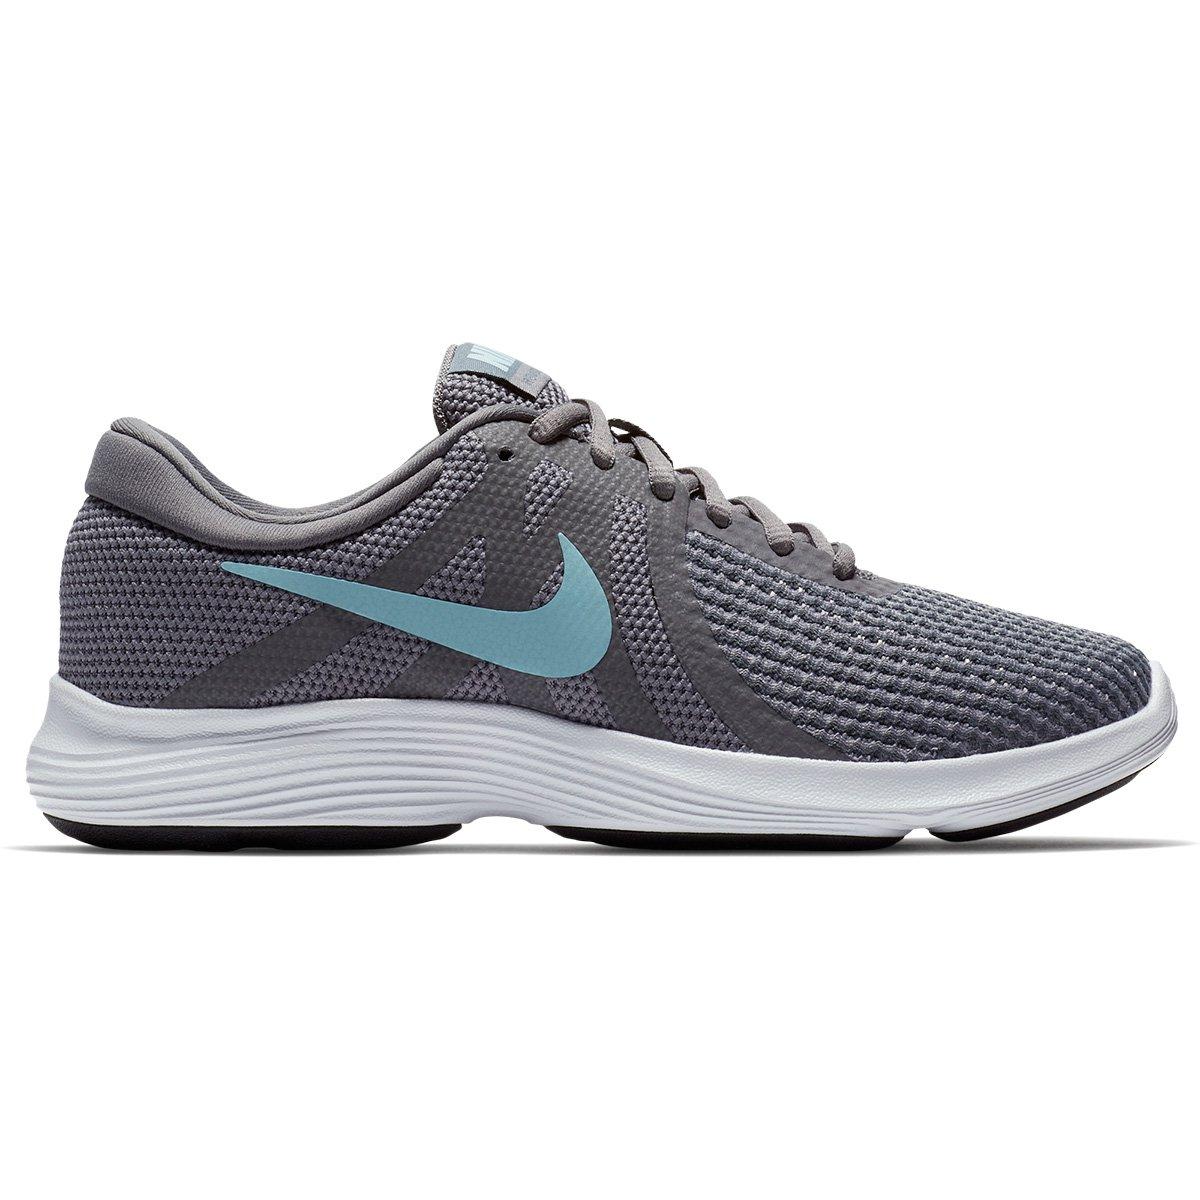 81d37b35f5 Tênis Nike Wmns Revolution 4 Feminino - Cinza e Azul - Compre Agora ...